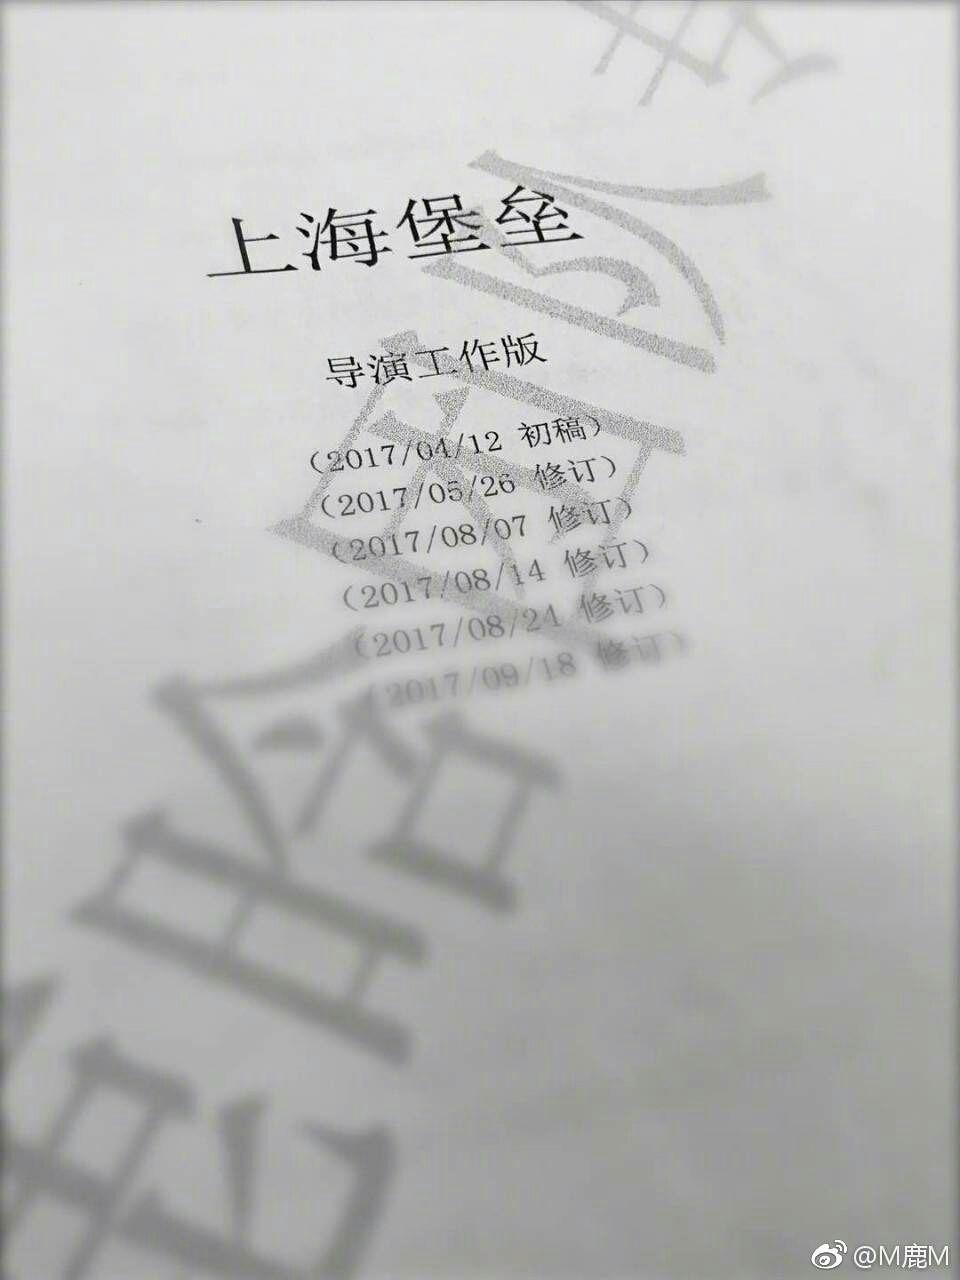 Có phải Luhan đang muốn nói với chúng ta dù có chuyện gì anh vẫn như xưa, vẫn như 3 năm trước, anh vẫn không quên Sehun và chưa từng quên